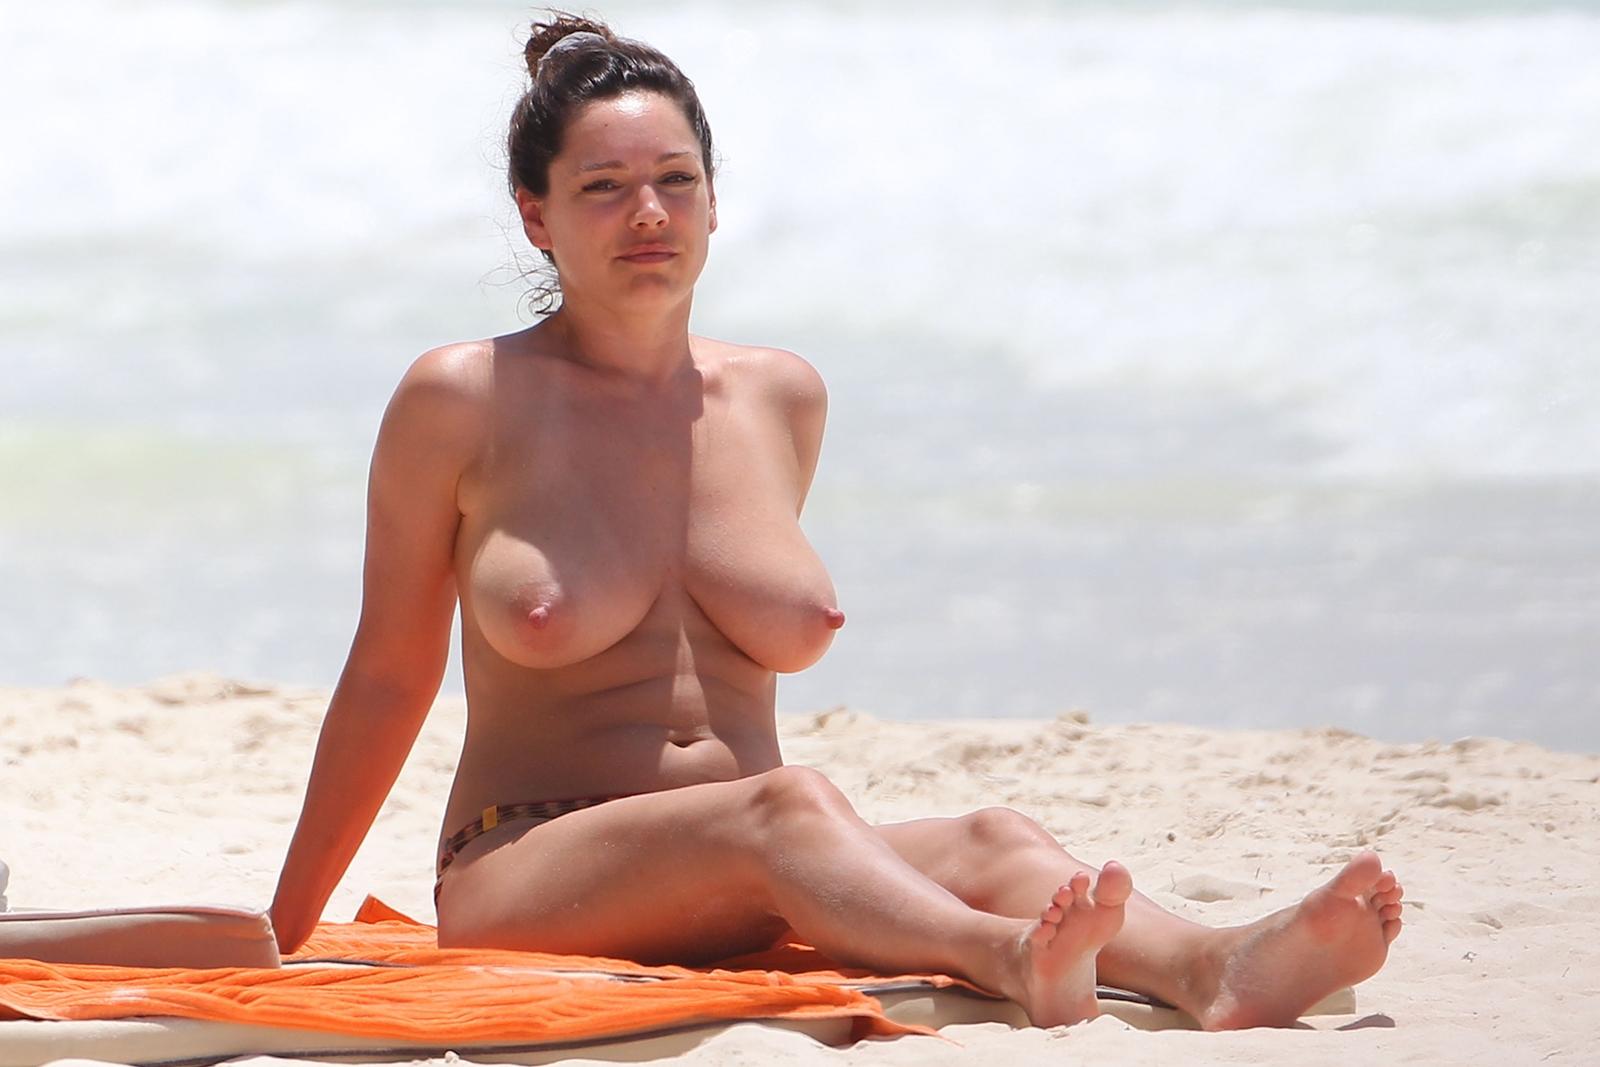 Kelly ann nude